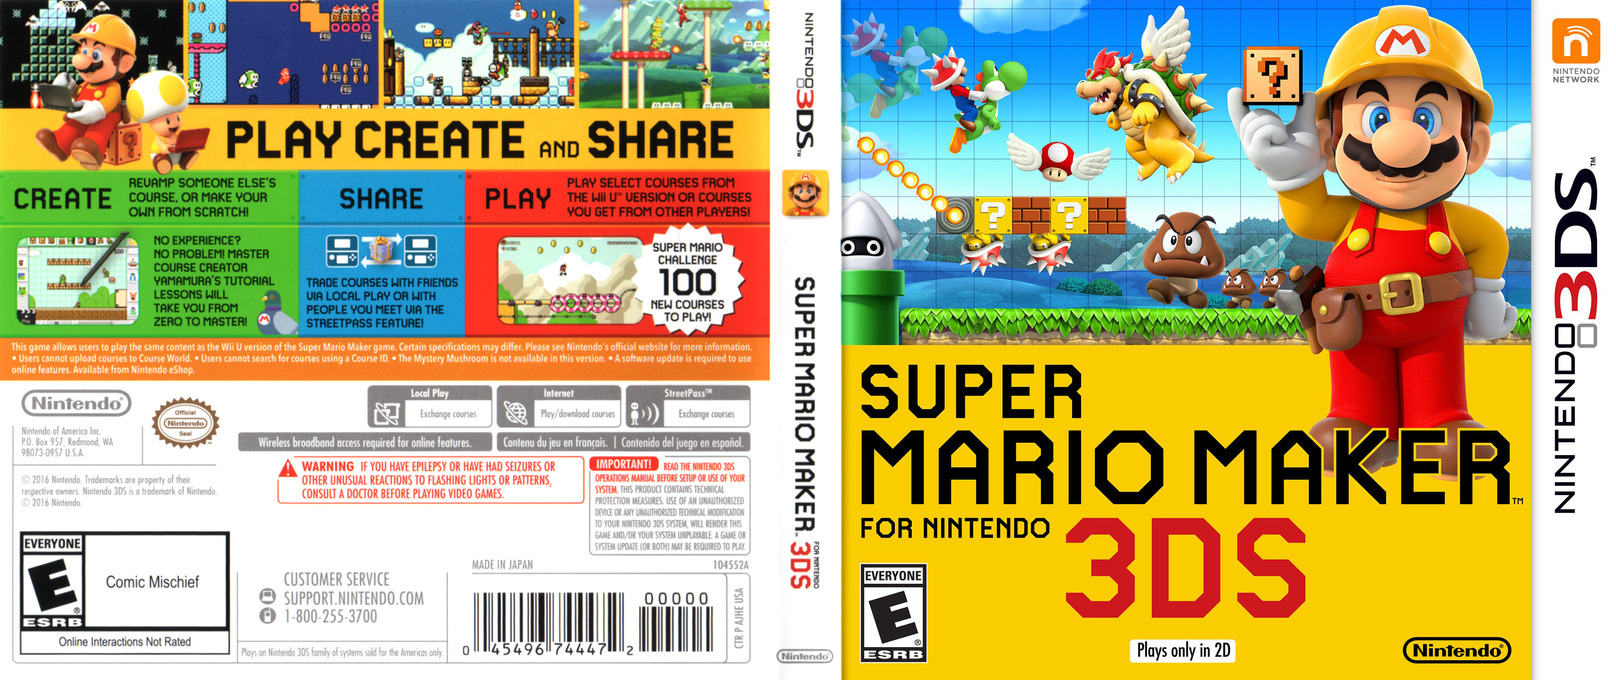 Super Mario Maker for Nintendo 3DS 3DS coverfullHQ (AJHE)